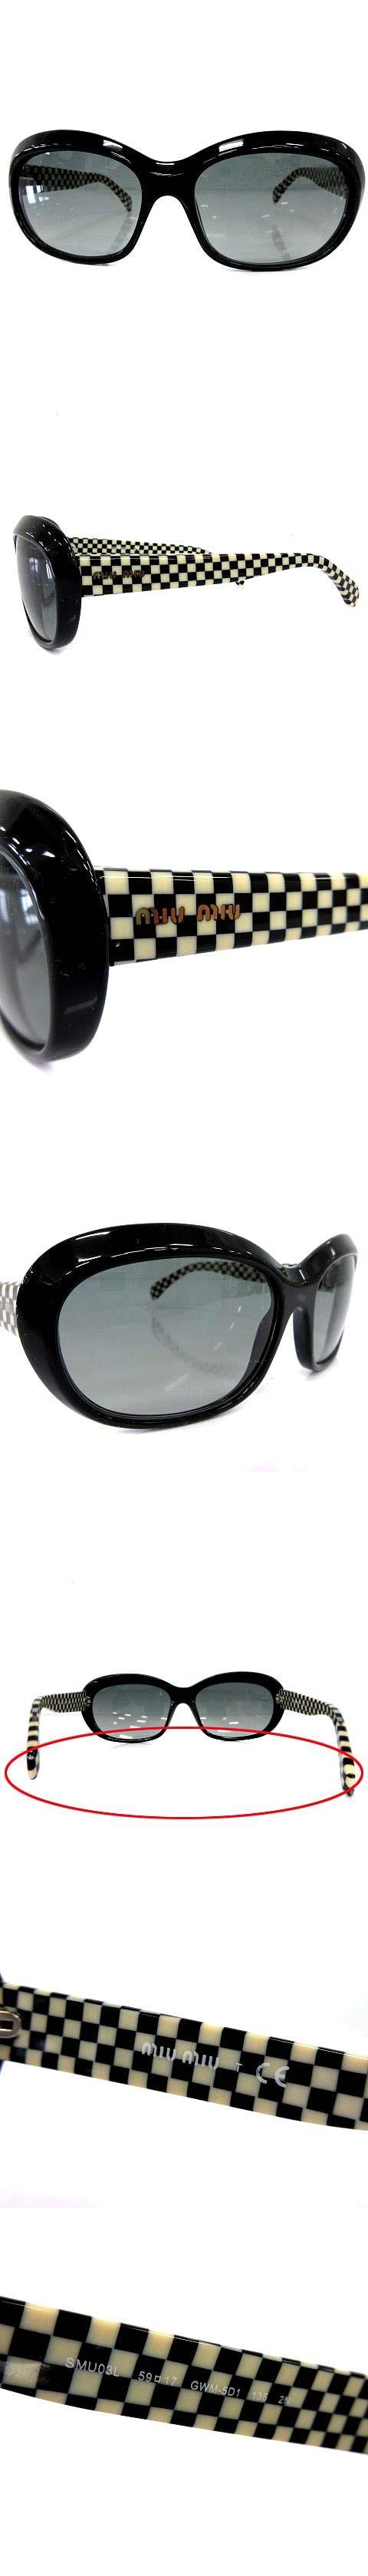 サングラス 眼鏡 チェッカーフラッグ セル 黒 SMU03L  /☆G